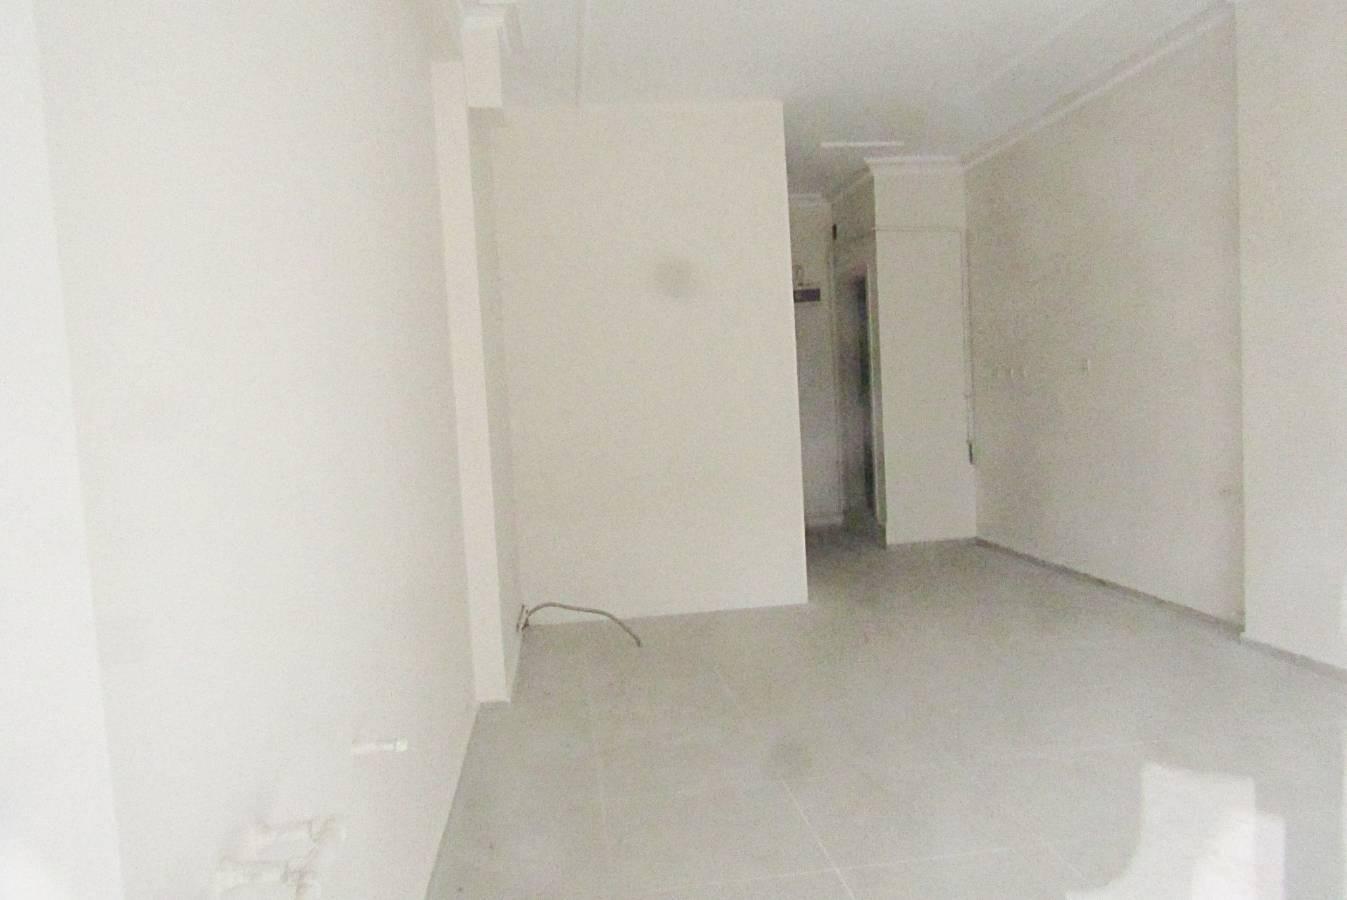 SR EMLAK'TAN ALSANCAK MAH'DE 30 m² CADDEYE YAKIN KÖŞEBAŞI KİRALIK DÜKKAN